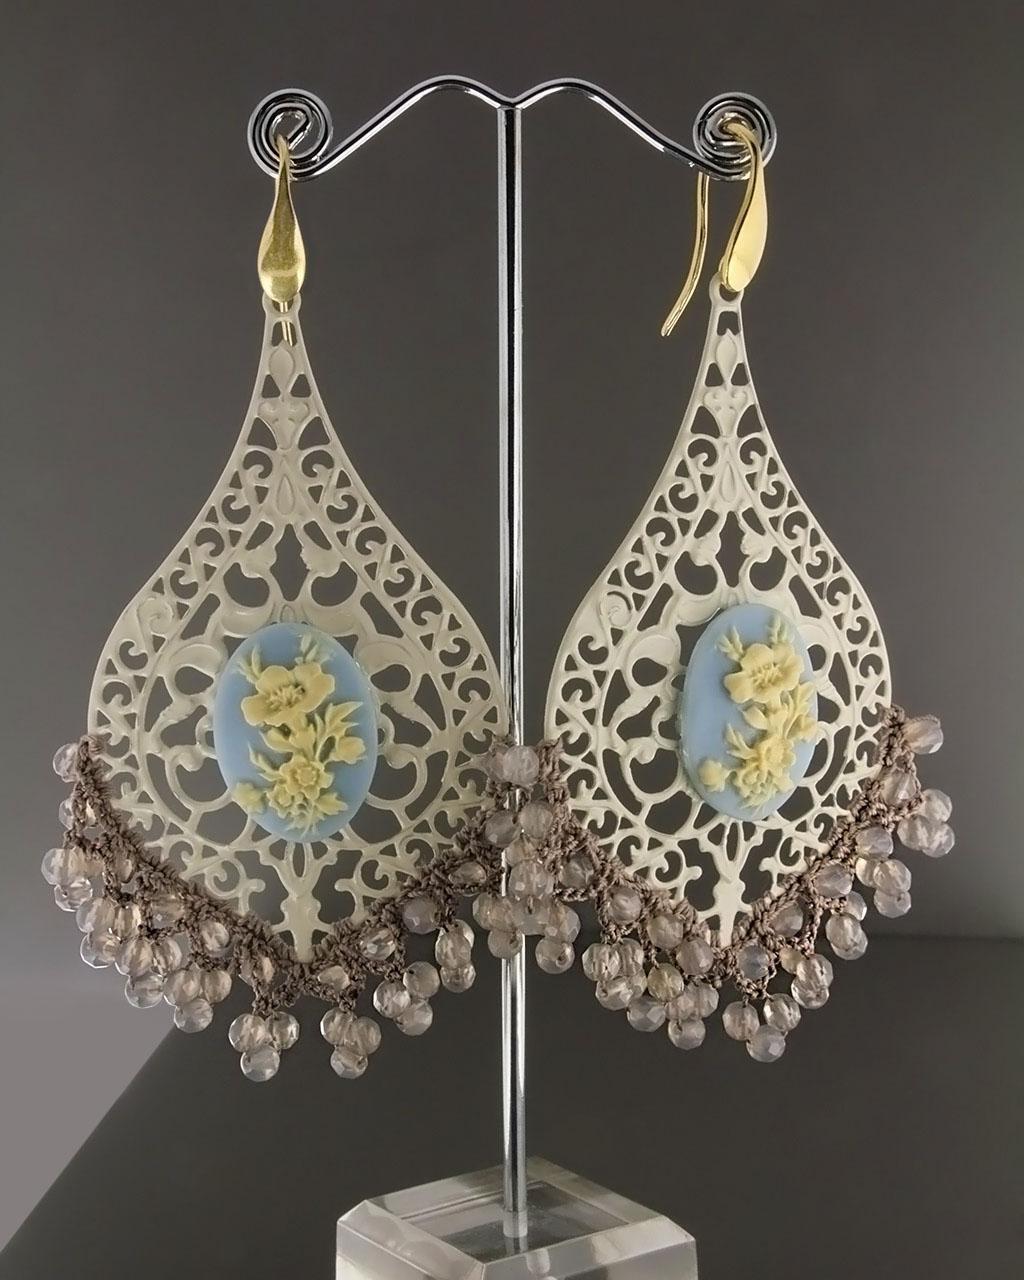 Σκουλαρίκια με Σμάλτο, Ελεφαντόδοντο & Quartz   γυναικα σκουλαρίκια σκουλαρίκια ημιπολύτιμοι λίθοι